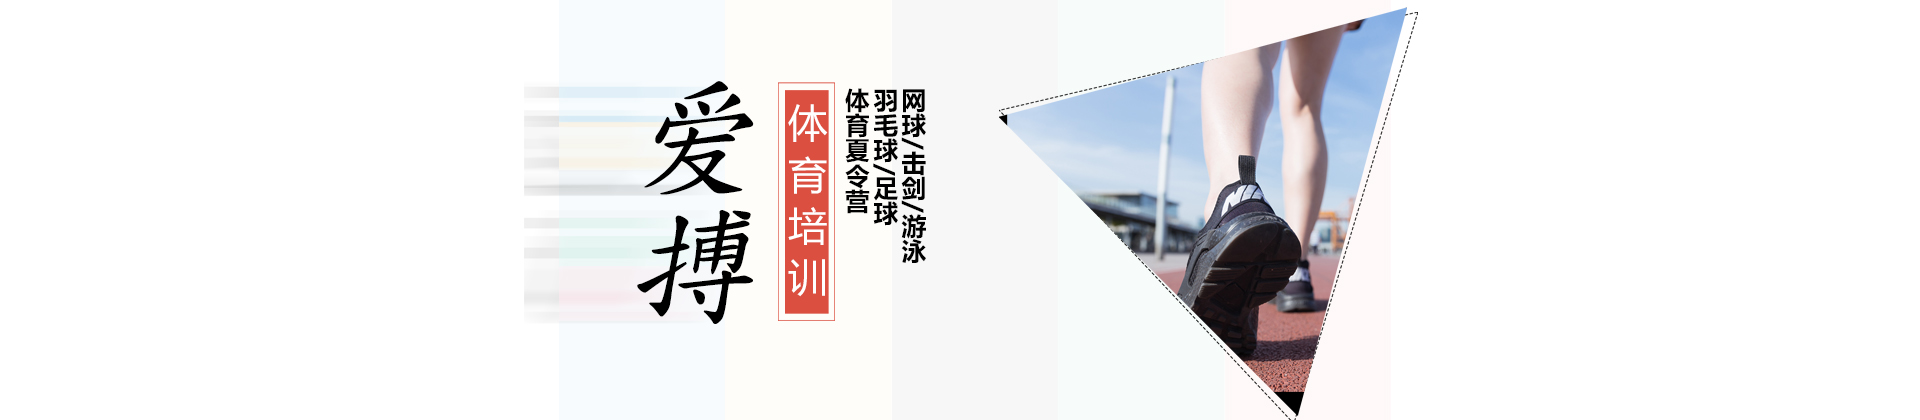 杭州愛搏體育